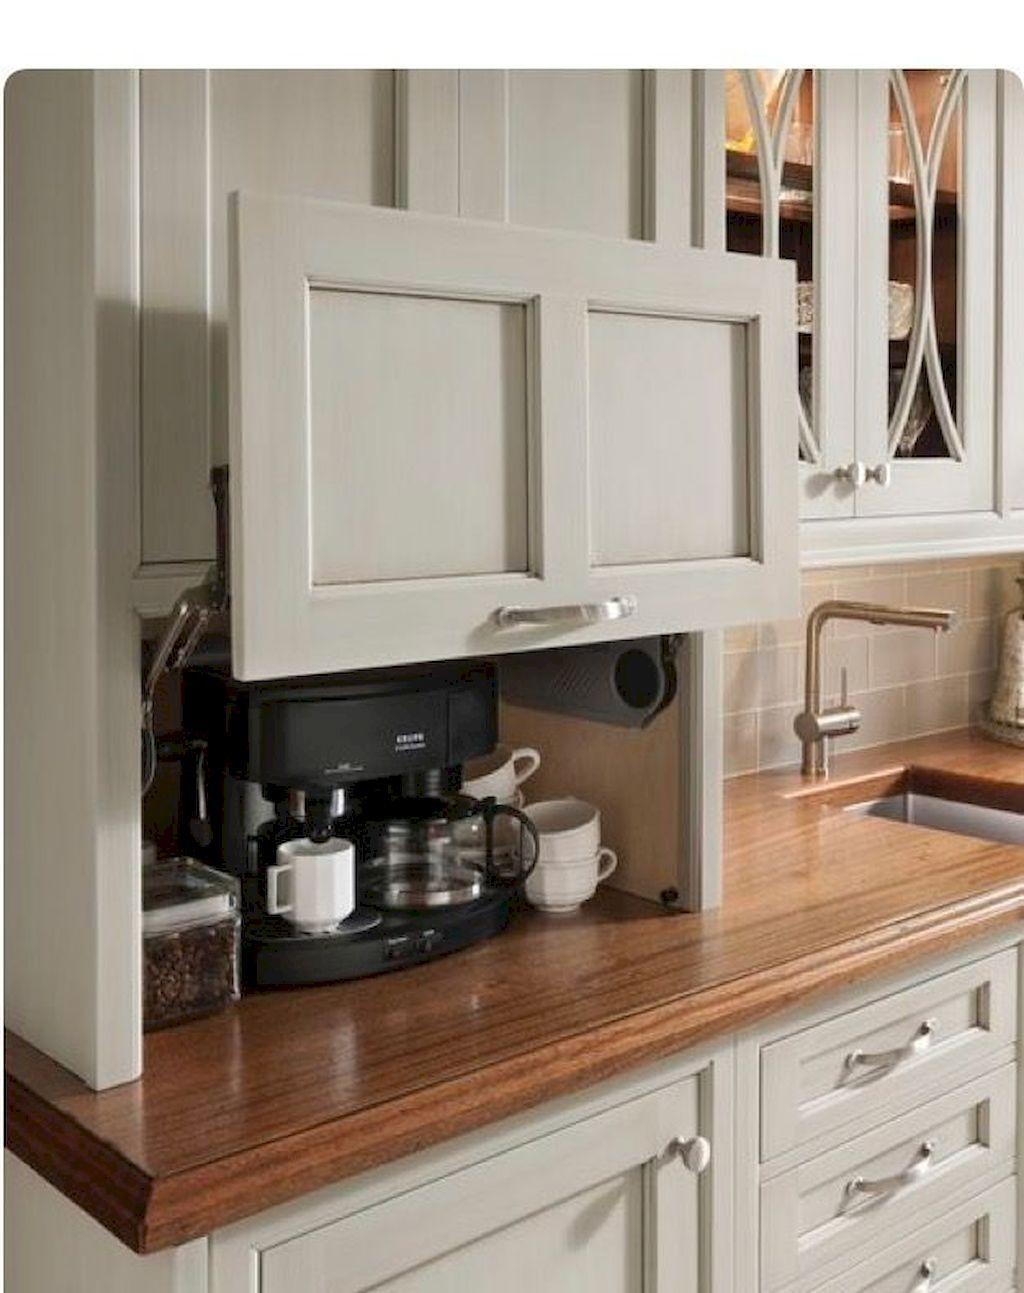 Lovely DIY Kitchen Storage Ideas To Maximize Kitchen Space 16